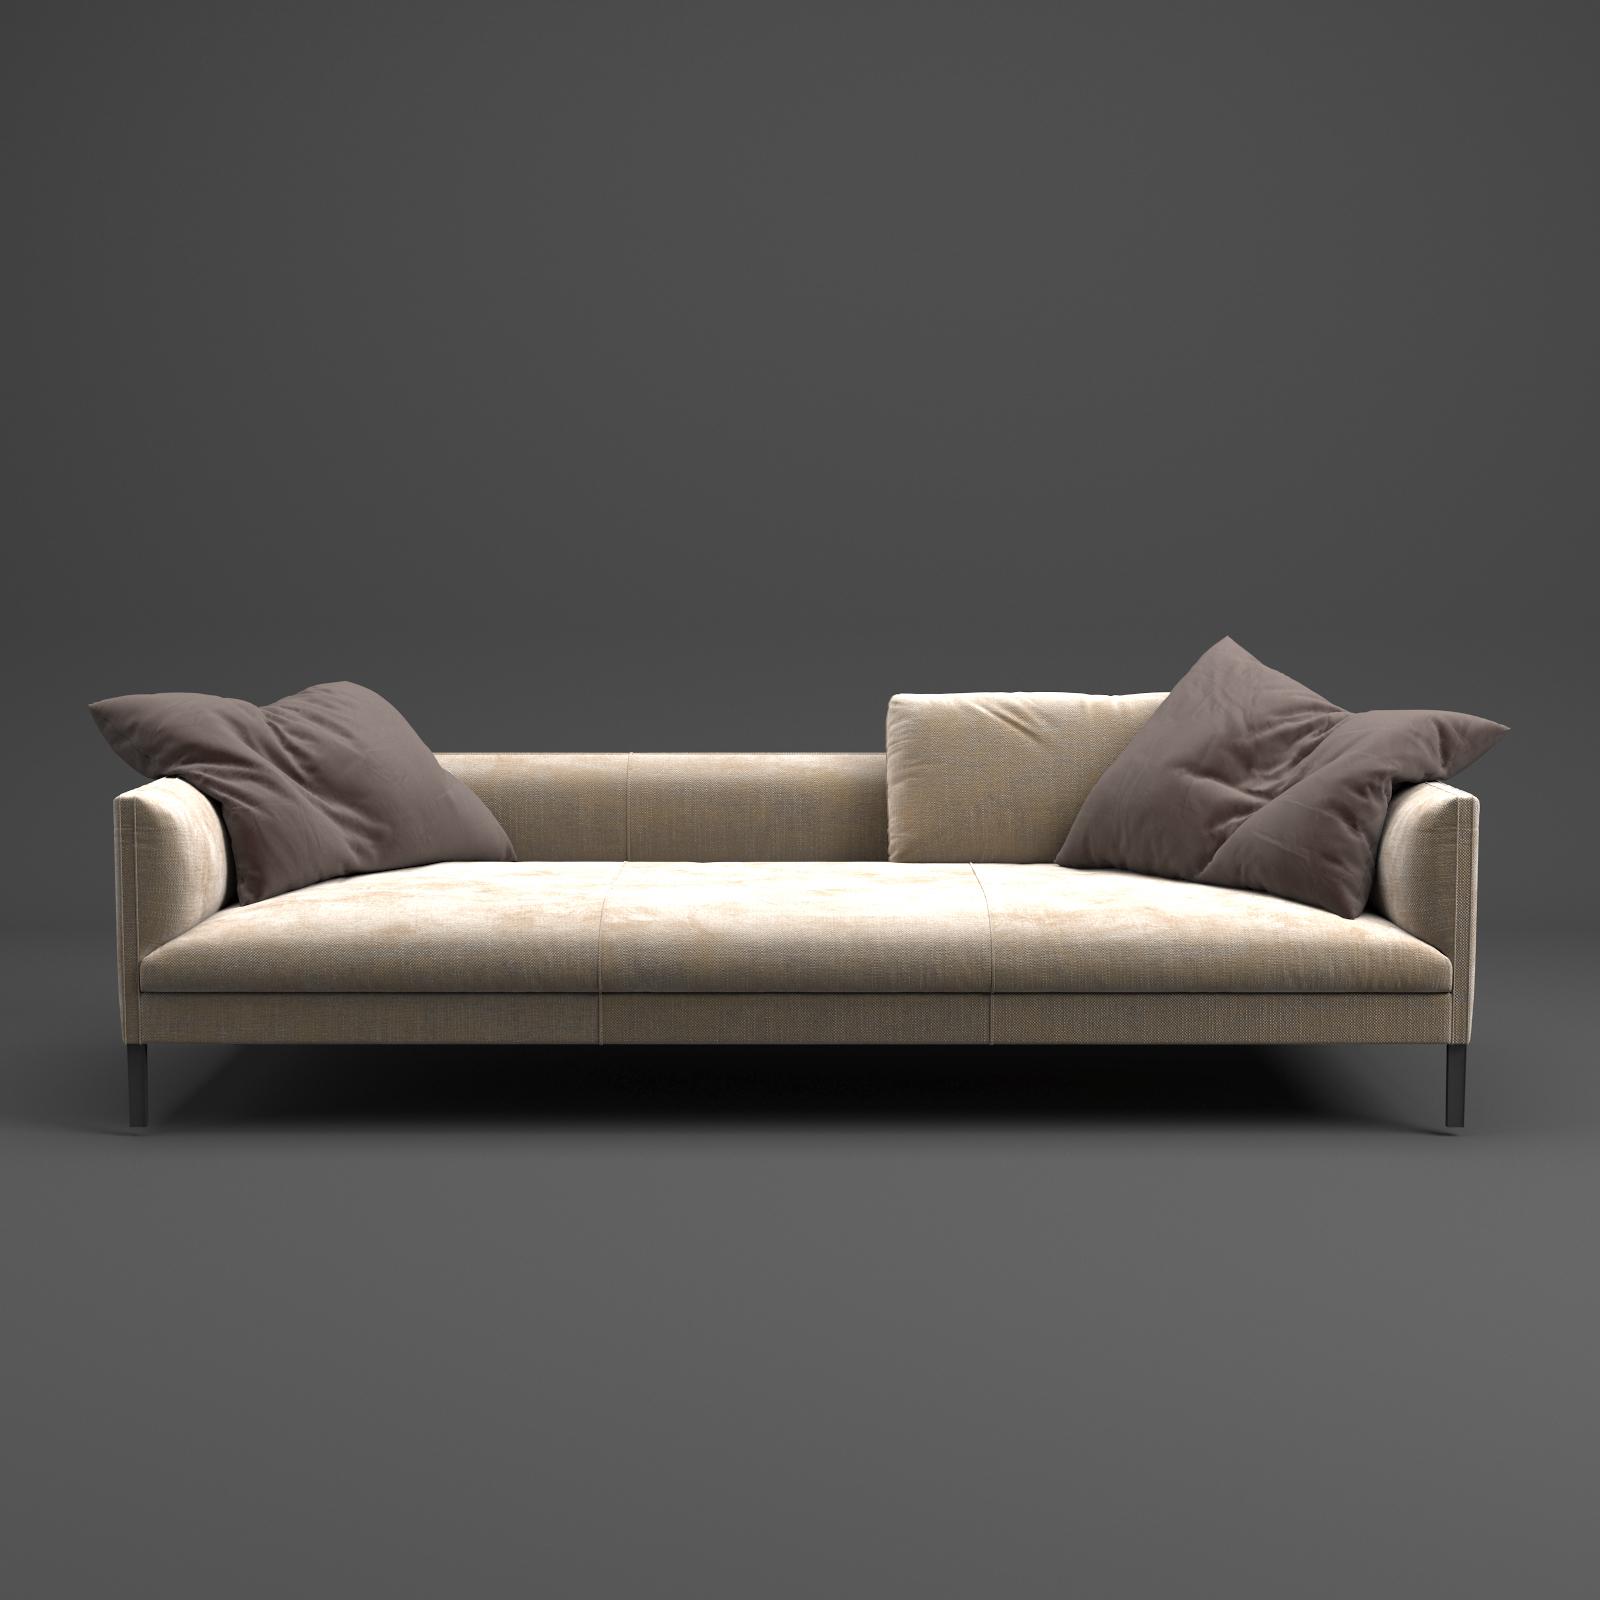 Sofa Paul Molt Turbosquid 1160730